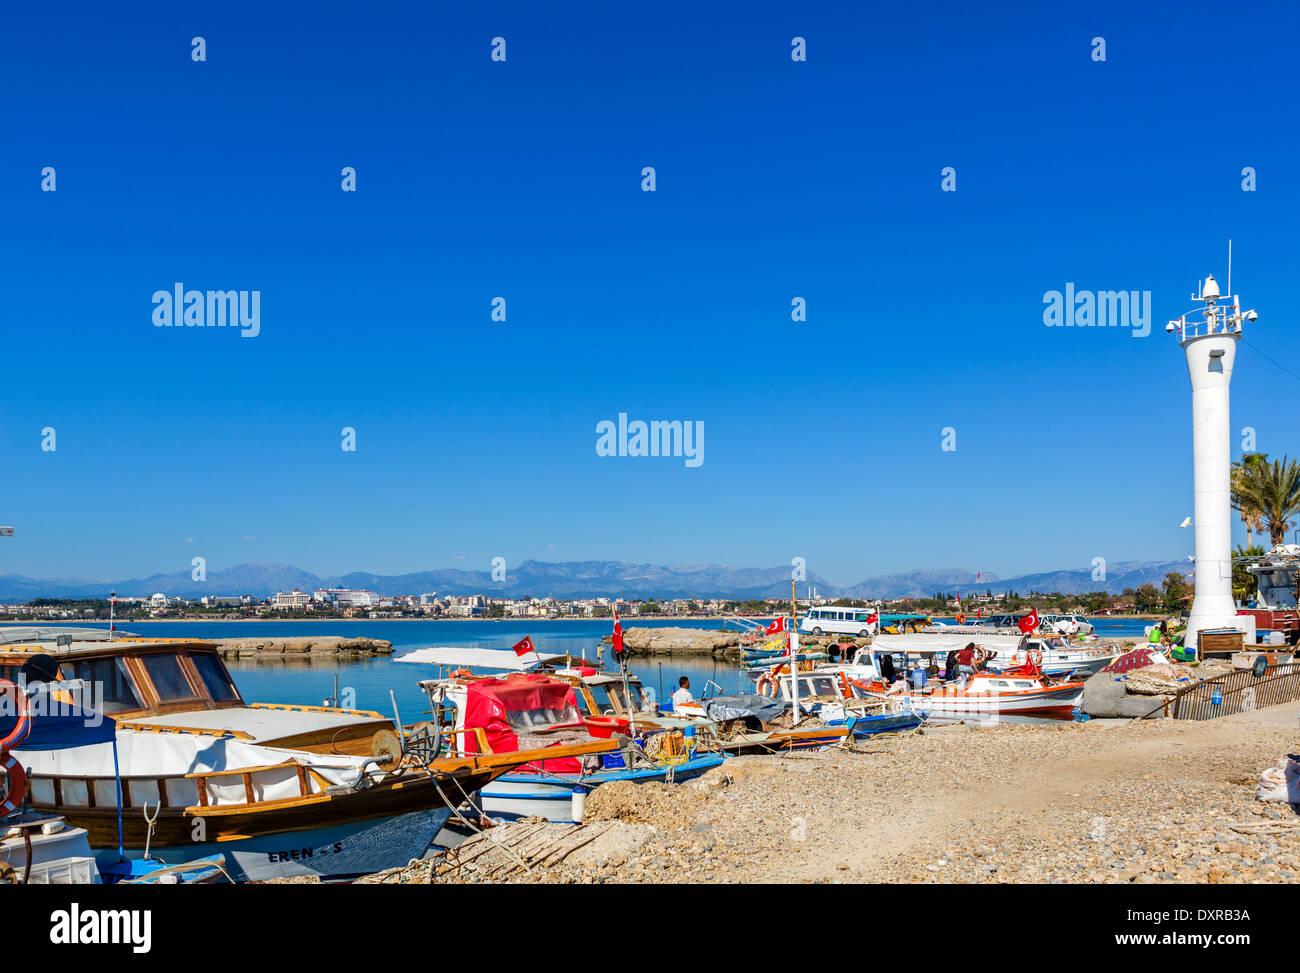 Barche da pesca nella città vecchia porto guardando verso le spiagge e hotel zona ad ovest della città, laterale, Provincia di Antalya, Turchia Foto Stock